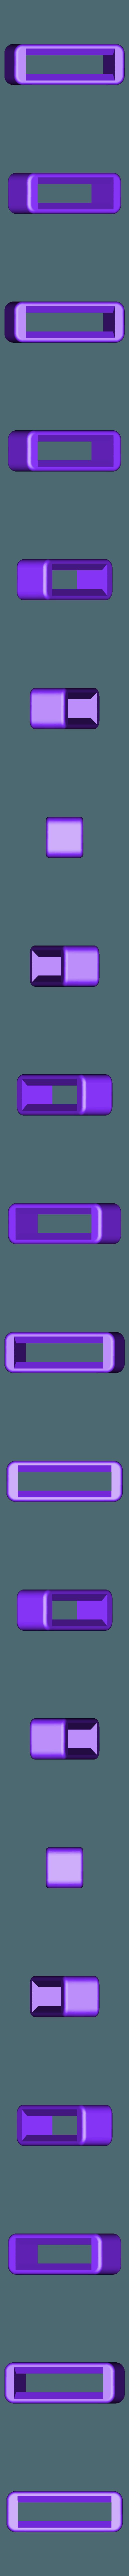 loop.stl Download free STL file Lens case SONY DT 3.5-5.6/18-55 SAM II (Sony A) • Model to 3D print, WaterLemon